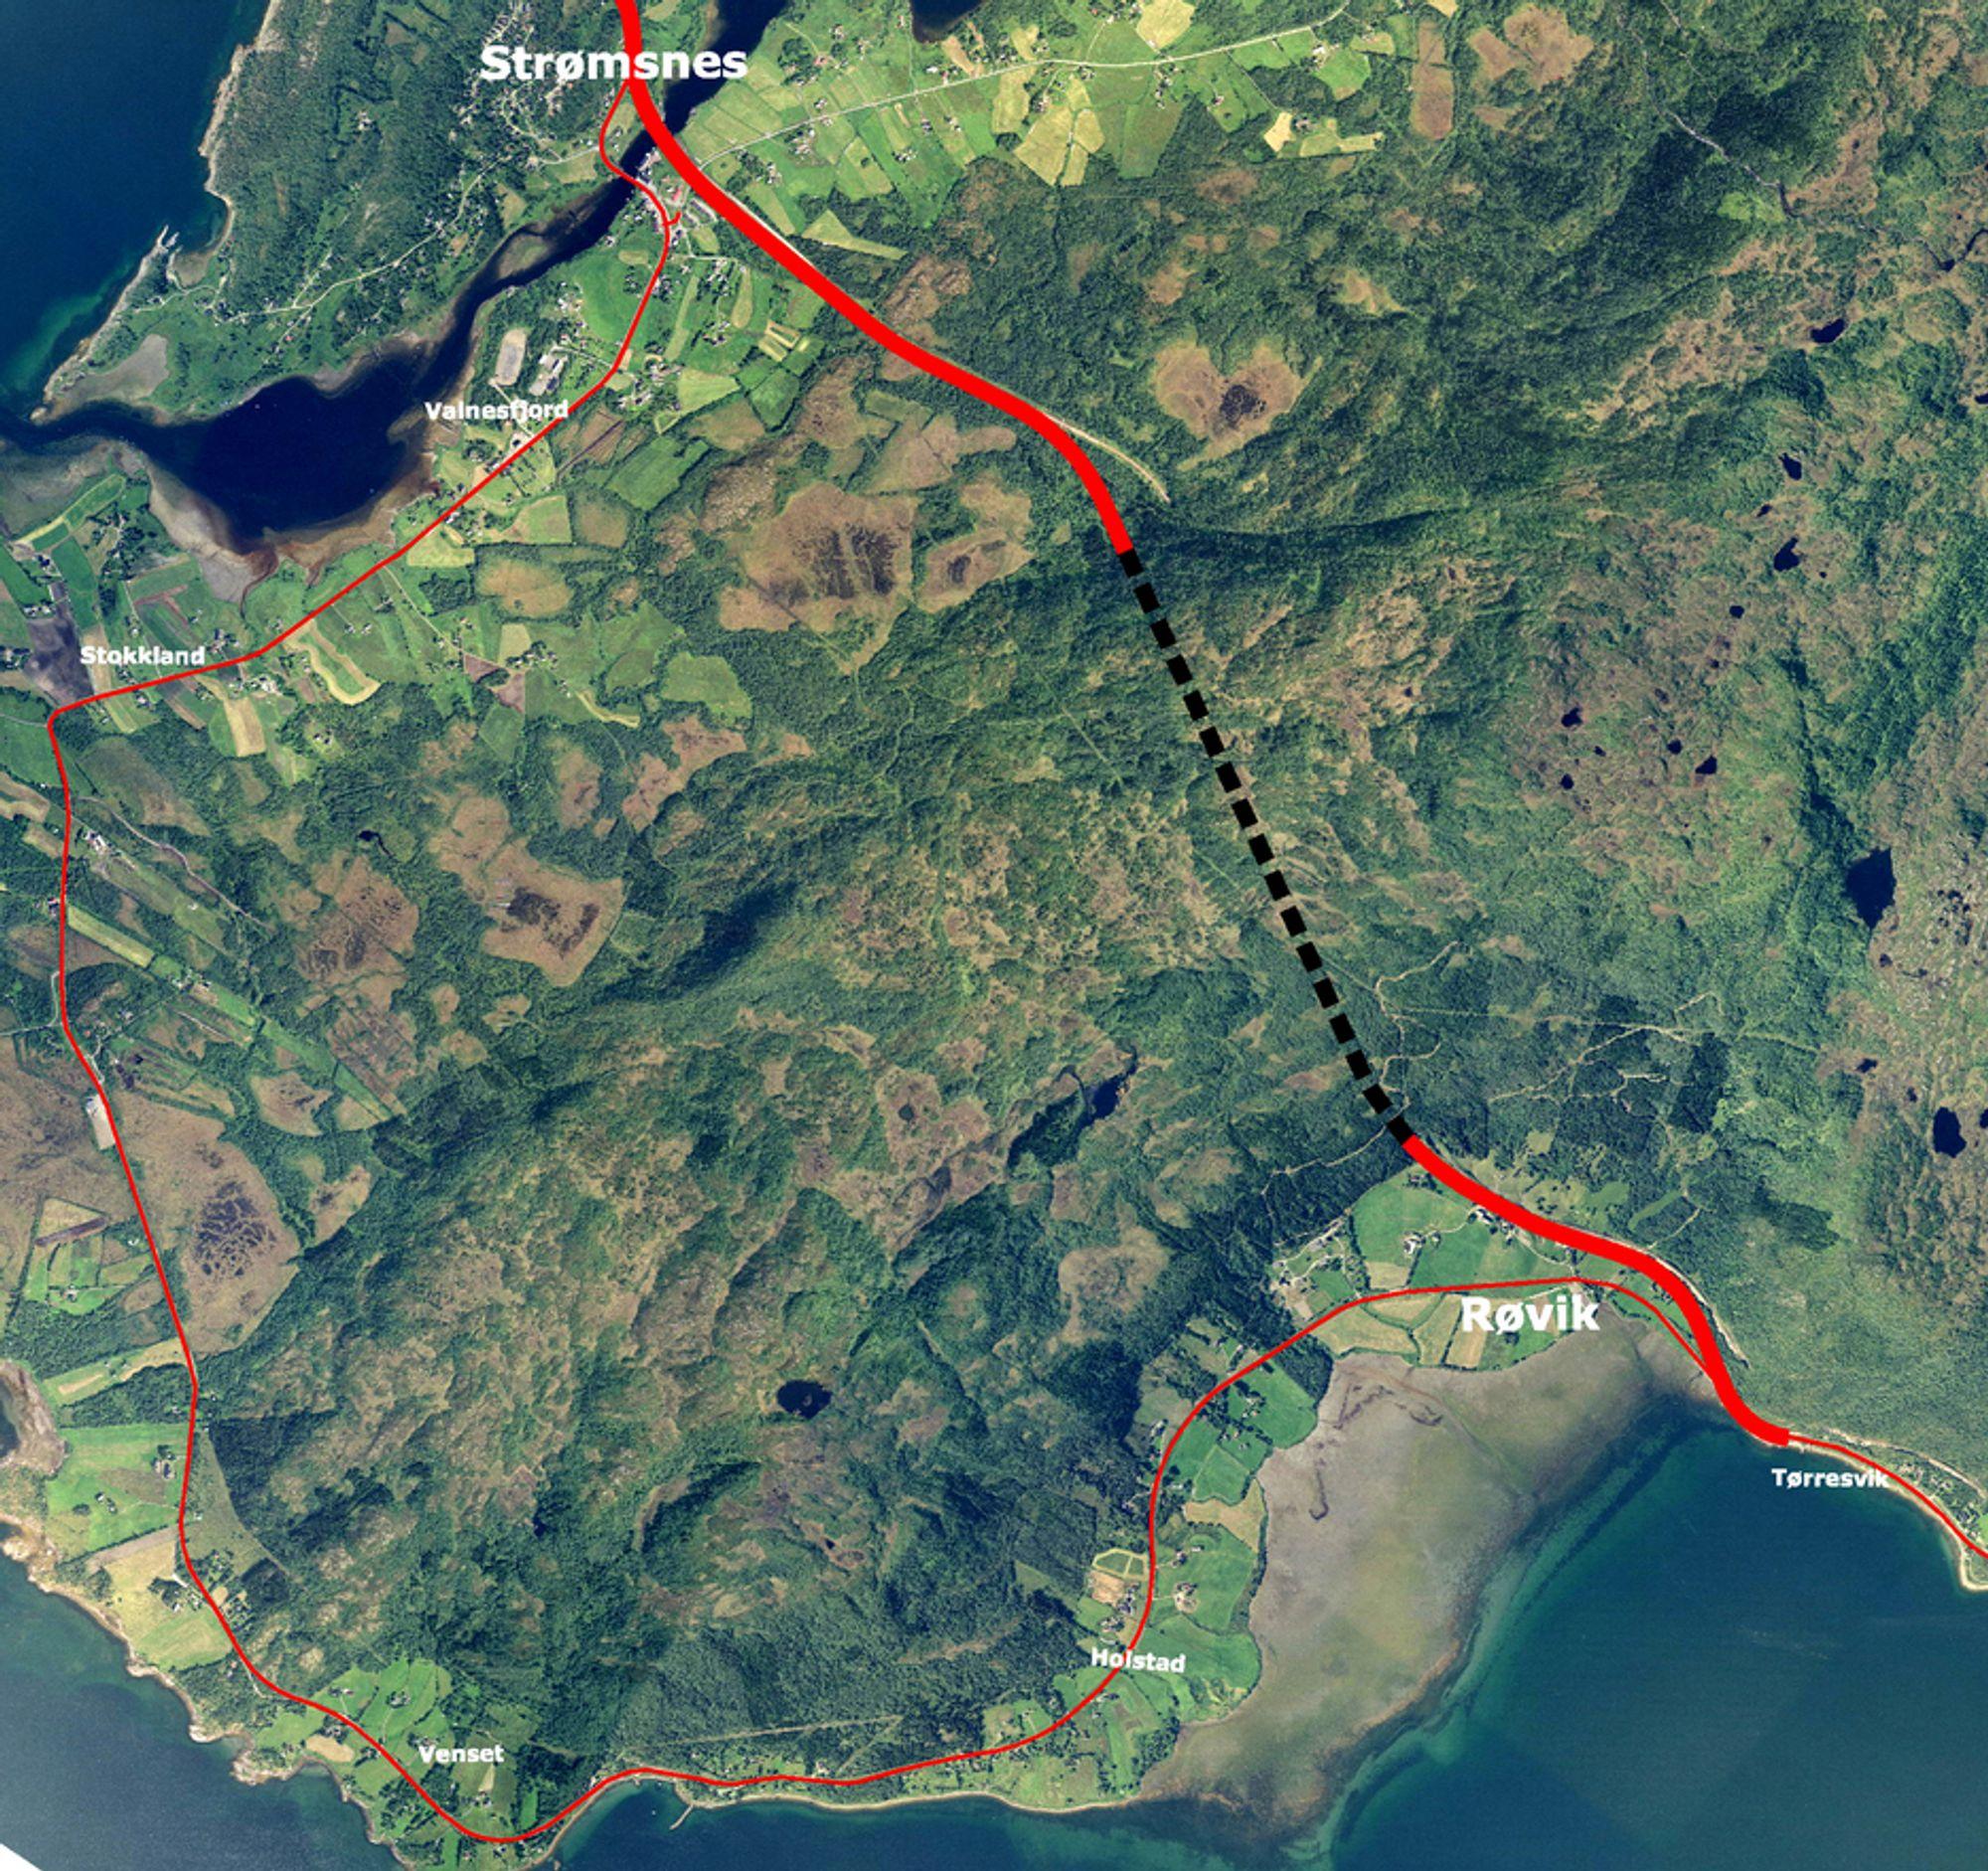 Avstanden mellom Røvik og Strømsnes blir redusert til det halve når den nye rv 80 blir ferdig i 2011. (Ill.: Statens vegvesen)